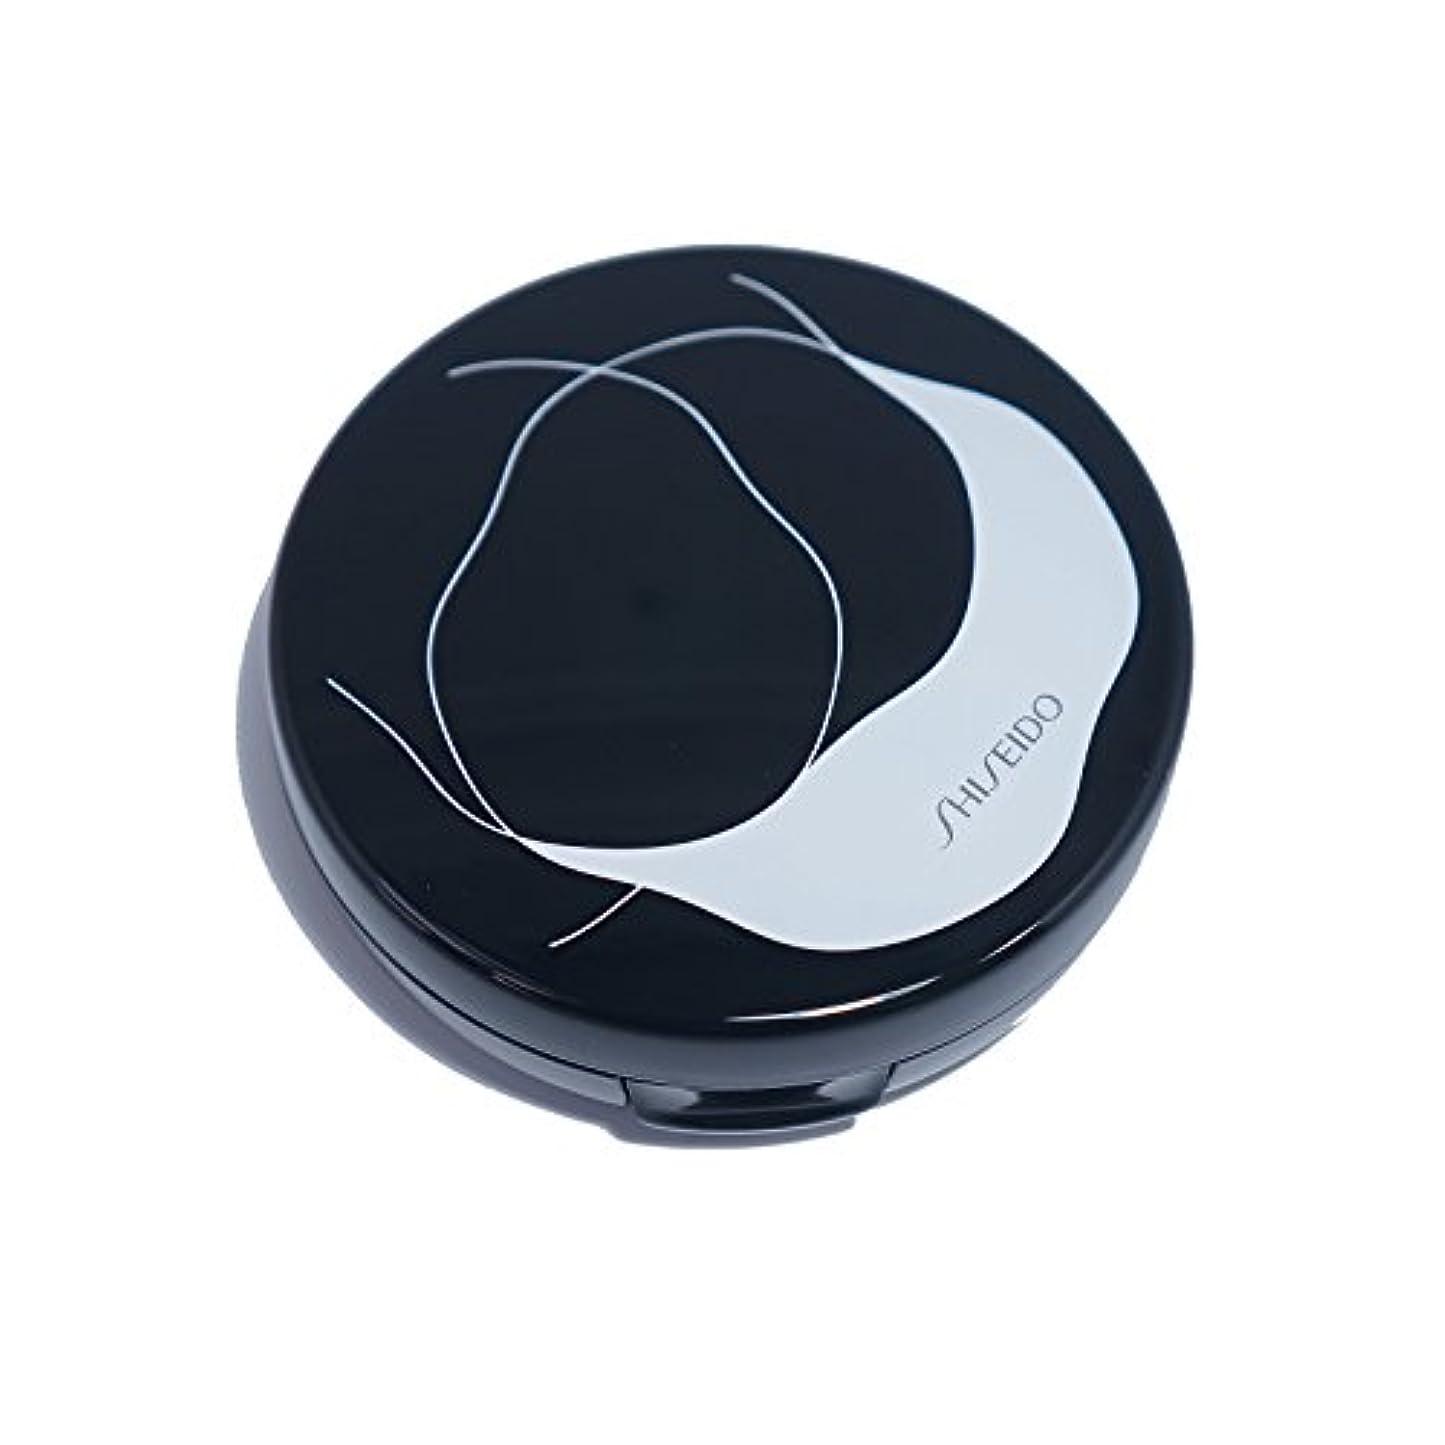 遊びます使役うめき声SHISEIDO 資生堂 シンクロスキン グロー クッションコンパクト ケース